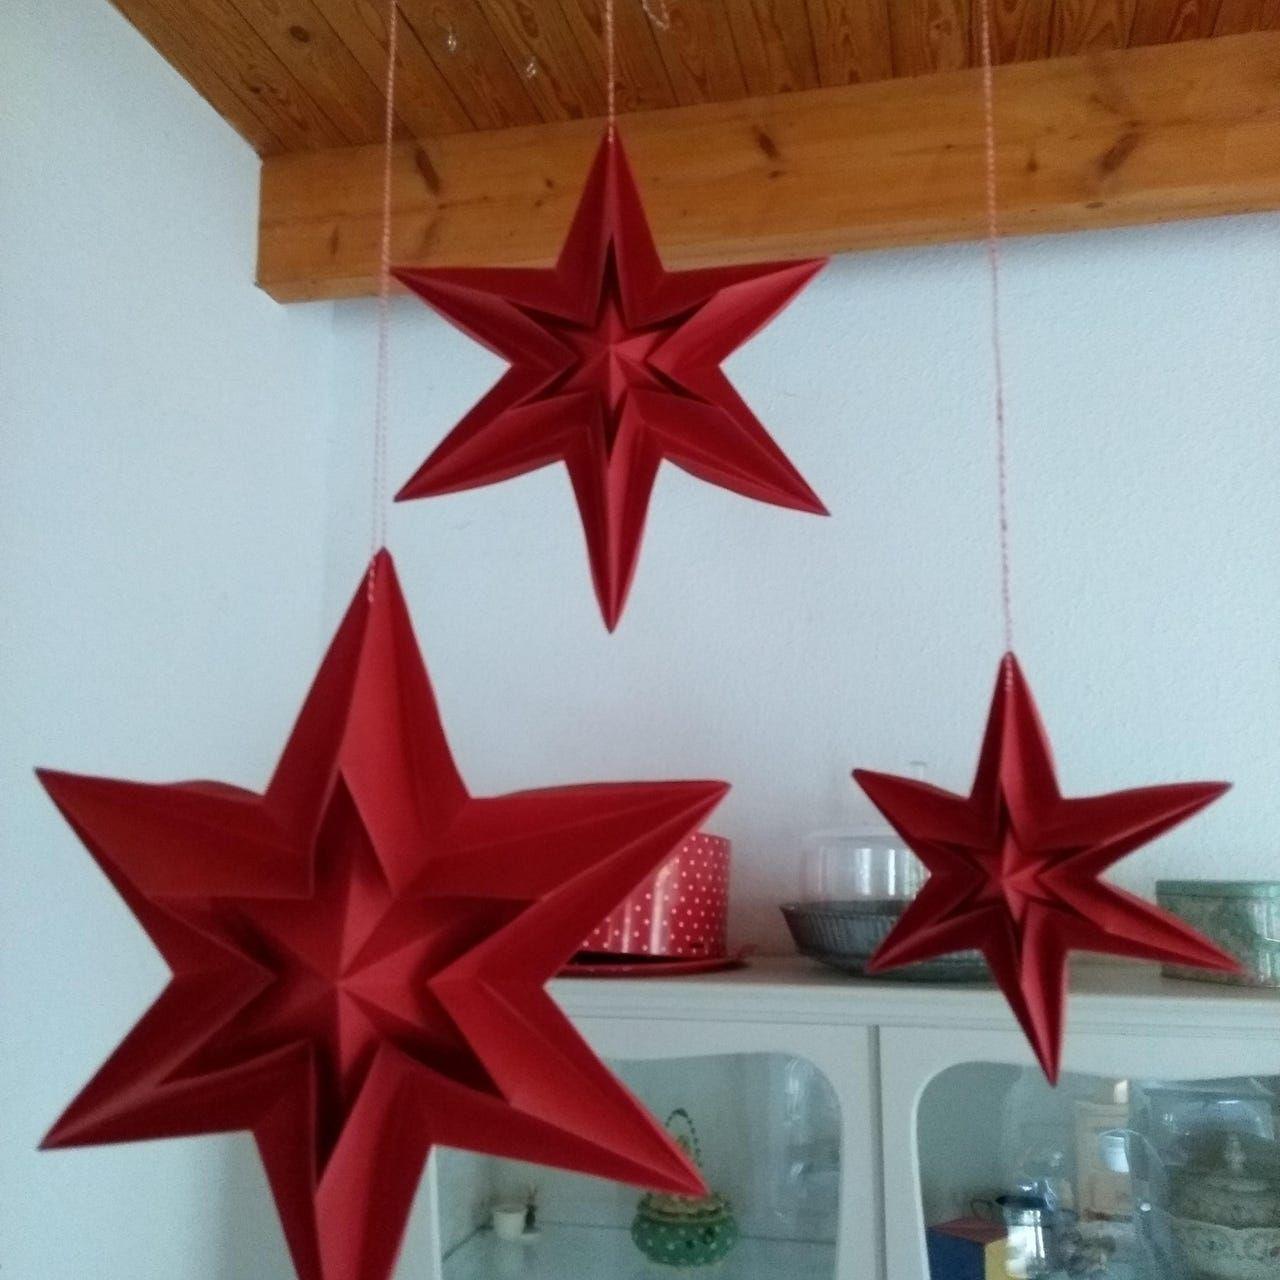 Landlust Stern Basteln Weihnachten Sterne Papier Sterne Basteln Fur Weihnachten Weihnachtsstern Basteln